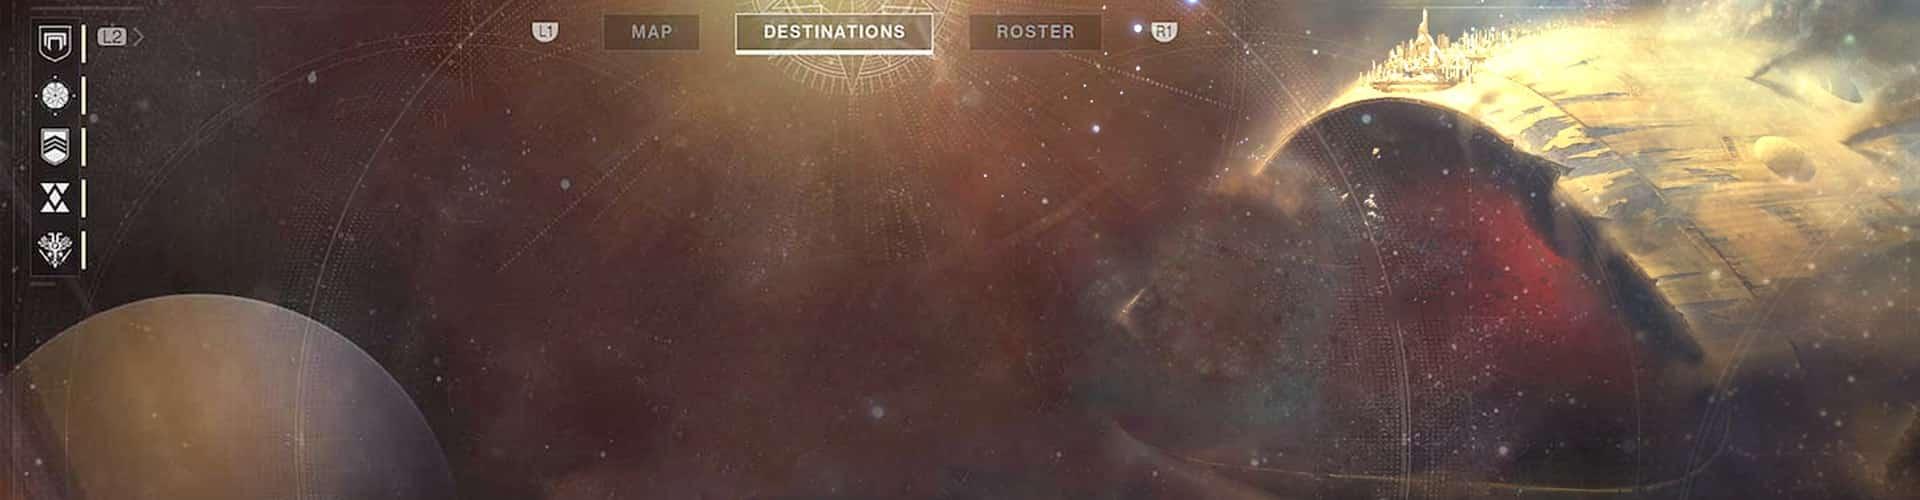 leviathan raid background image